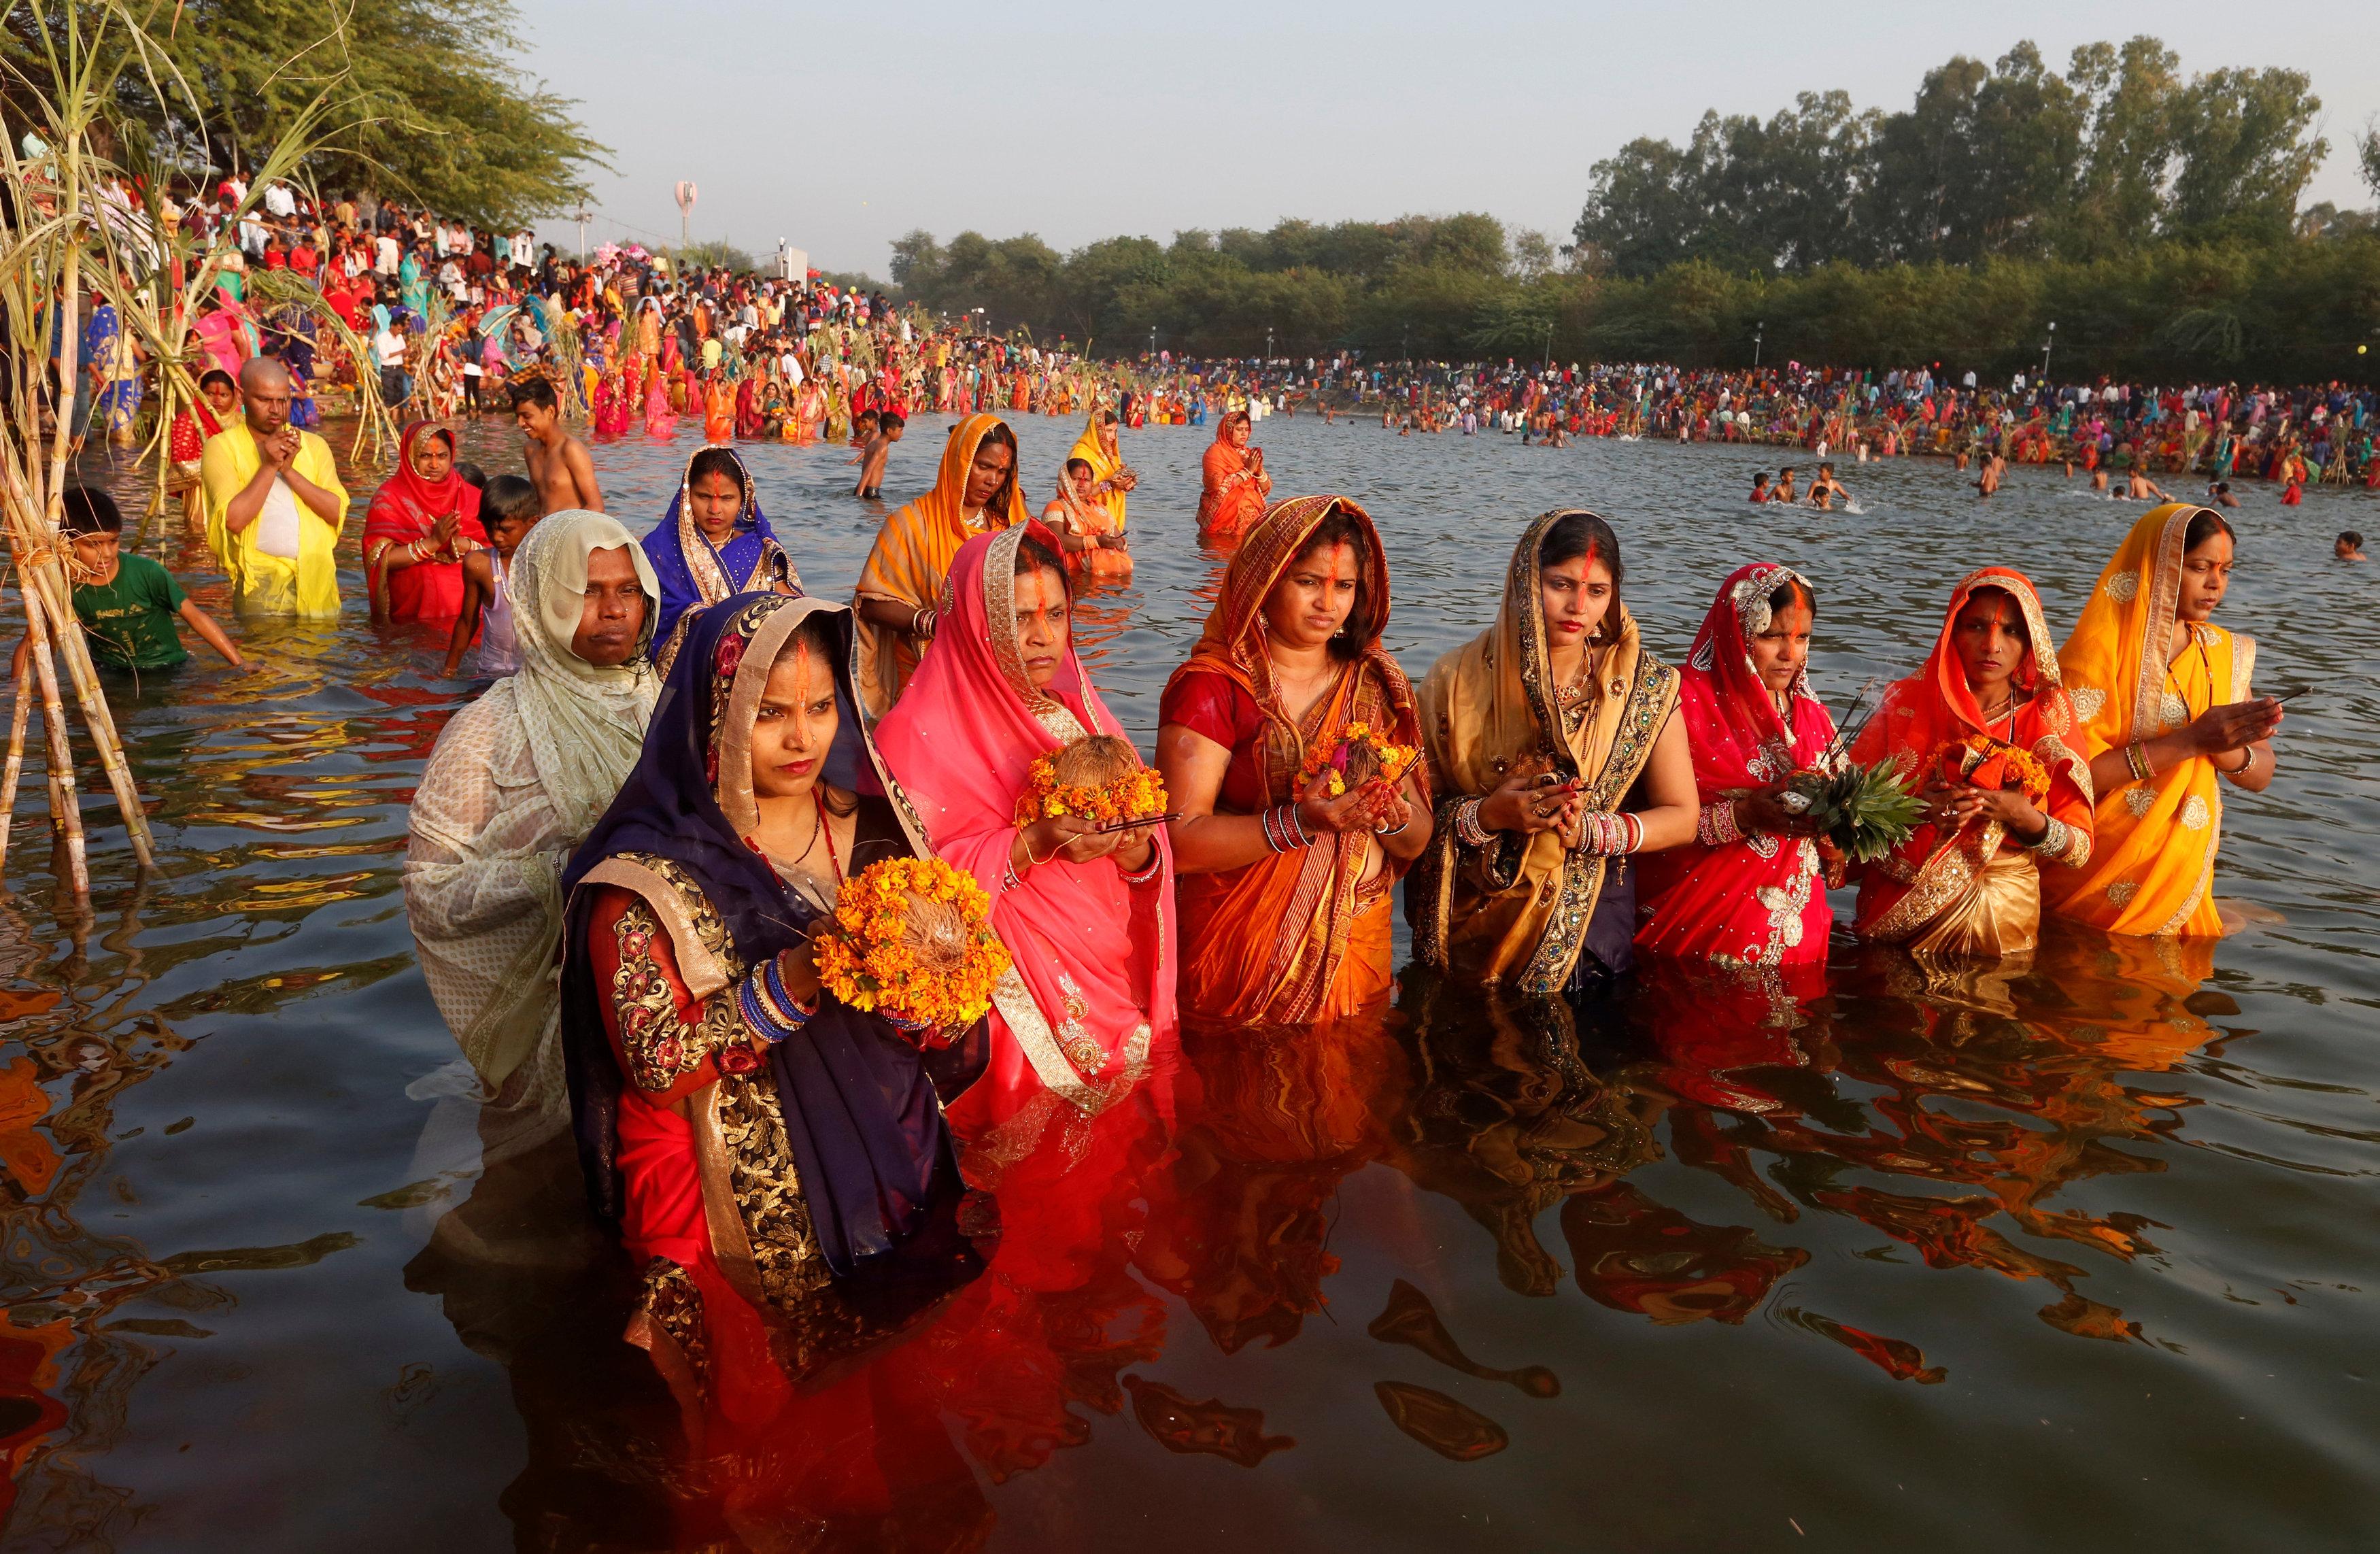 مجموعة من النساء يحملن الزهور وقفن فى النهر